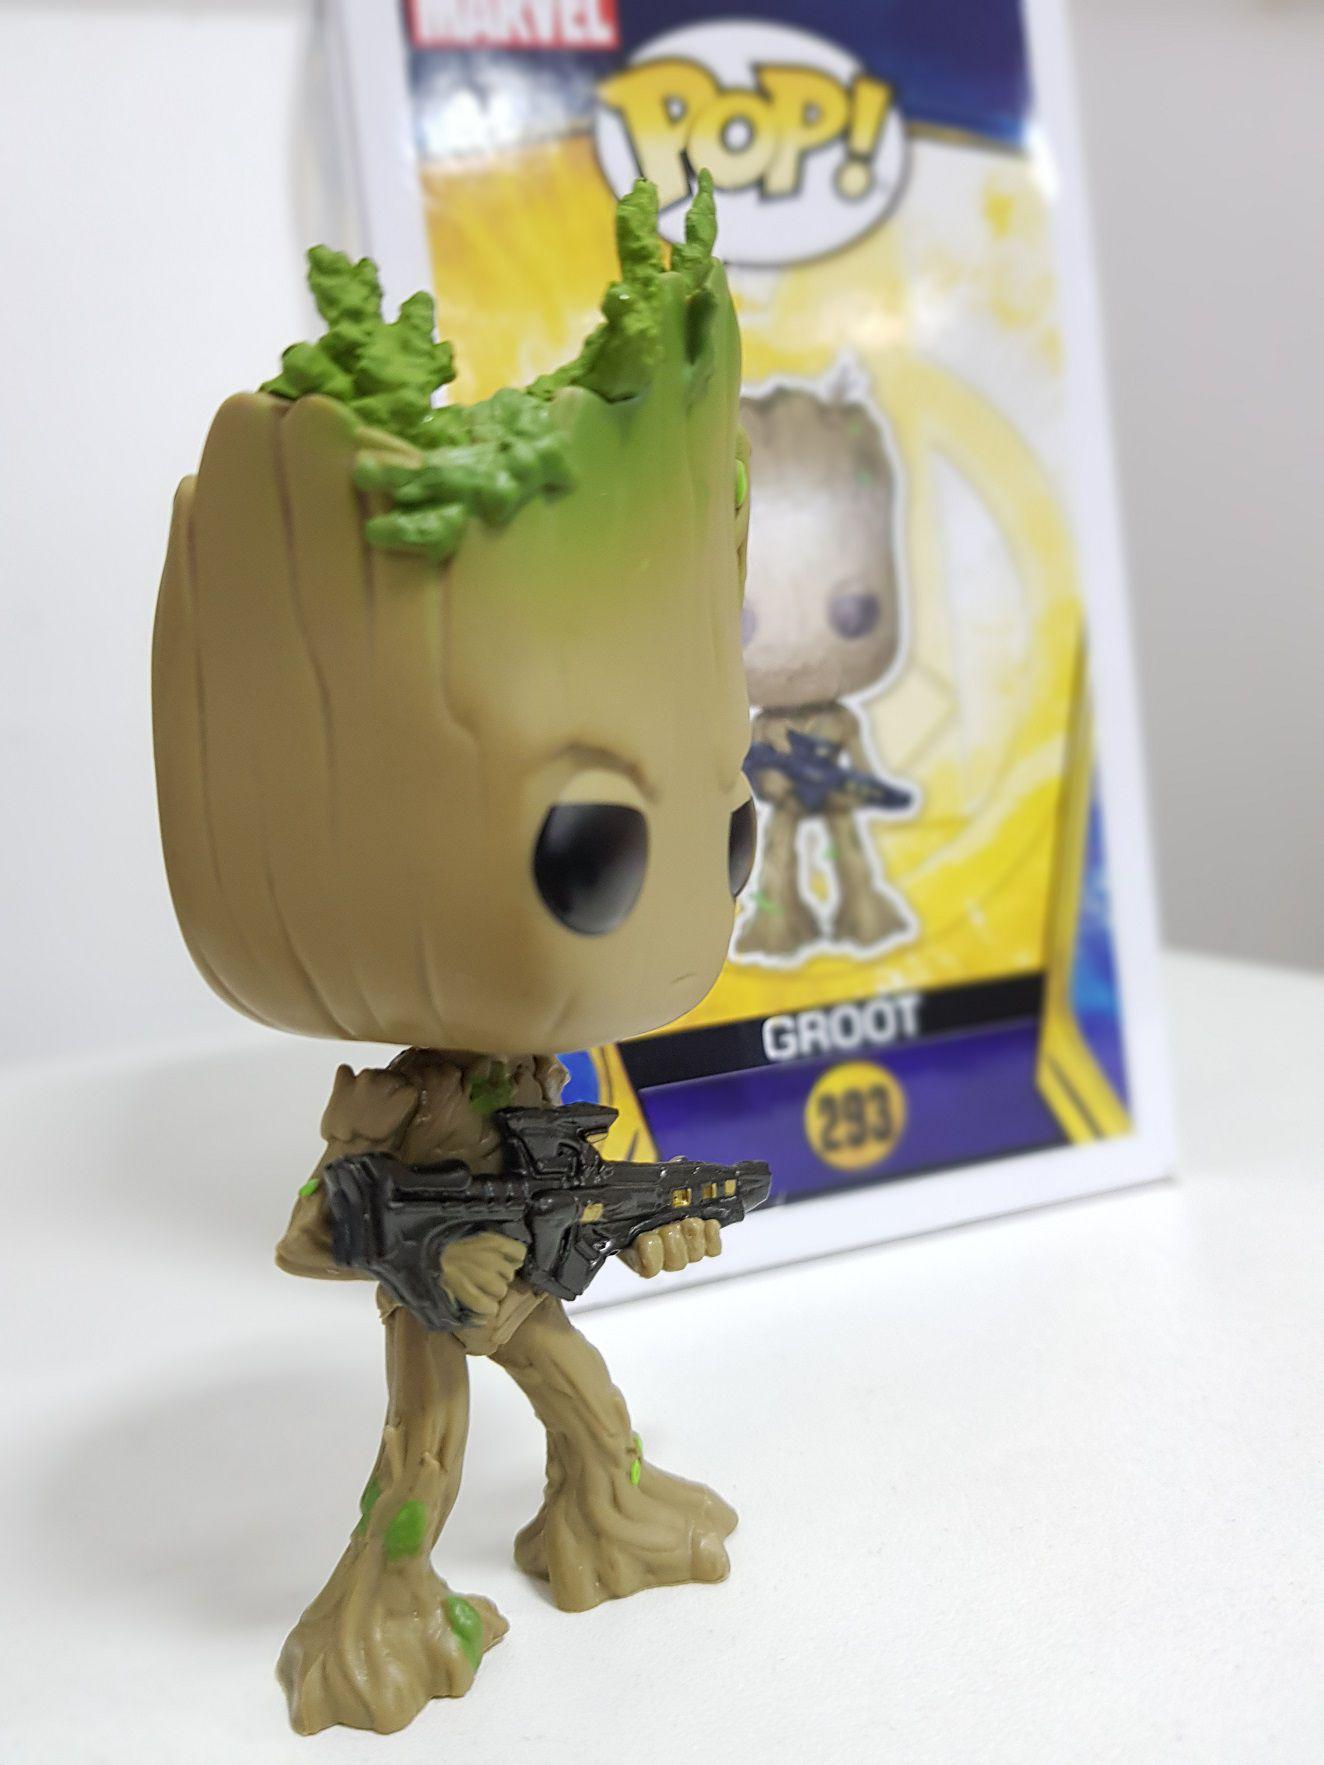 Funko Pop Groot Gardiões da Galáxia Avengers Infinit War Boneco Colecionável